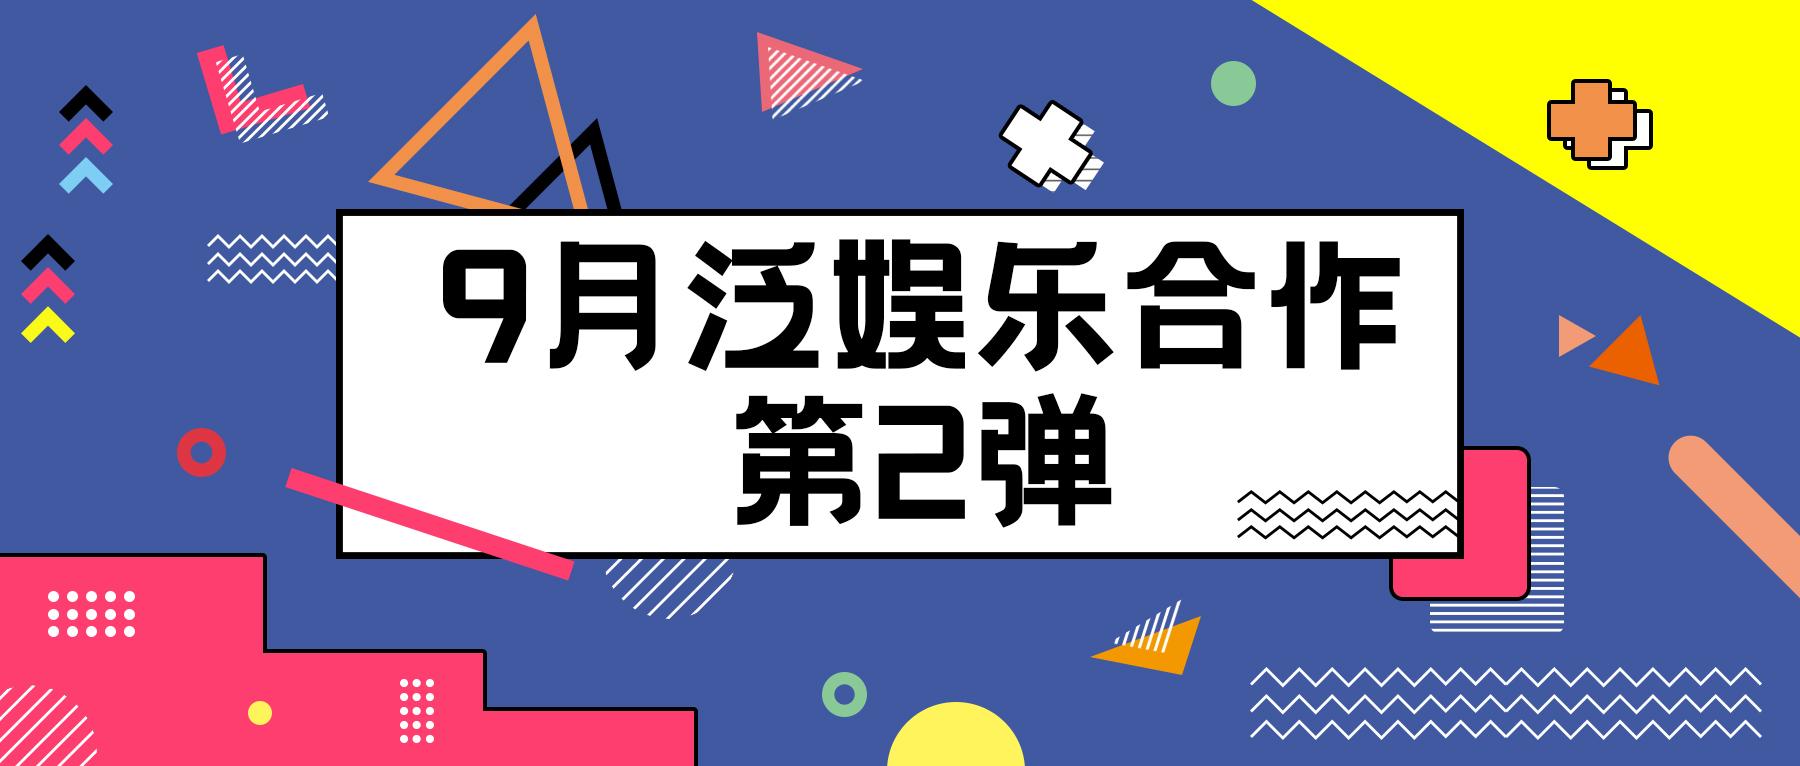 〖云资讯〗9月份泛娱乐合作资讯第2弹来咯!